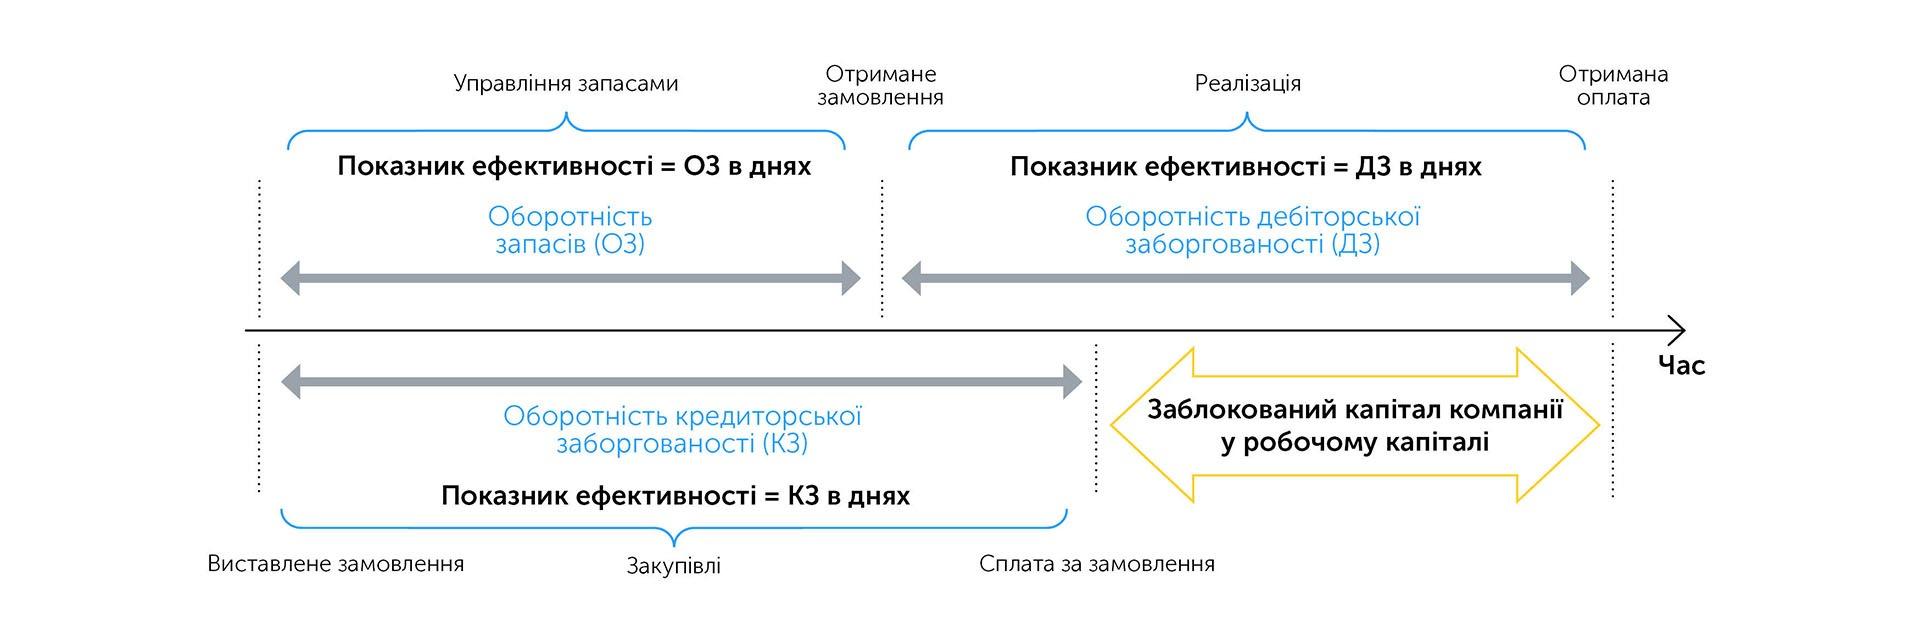 Бізнес: підготовка до зростання | Kyivstar Business Hub зображення №33